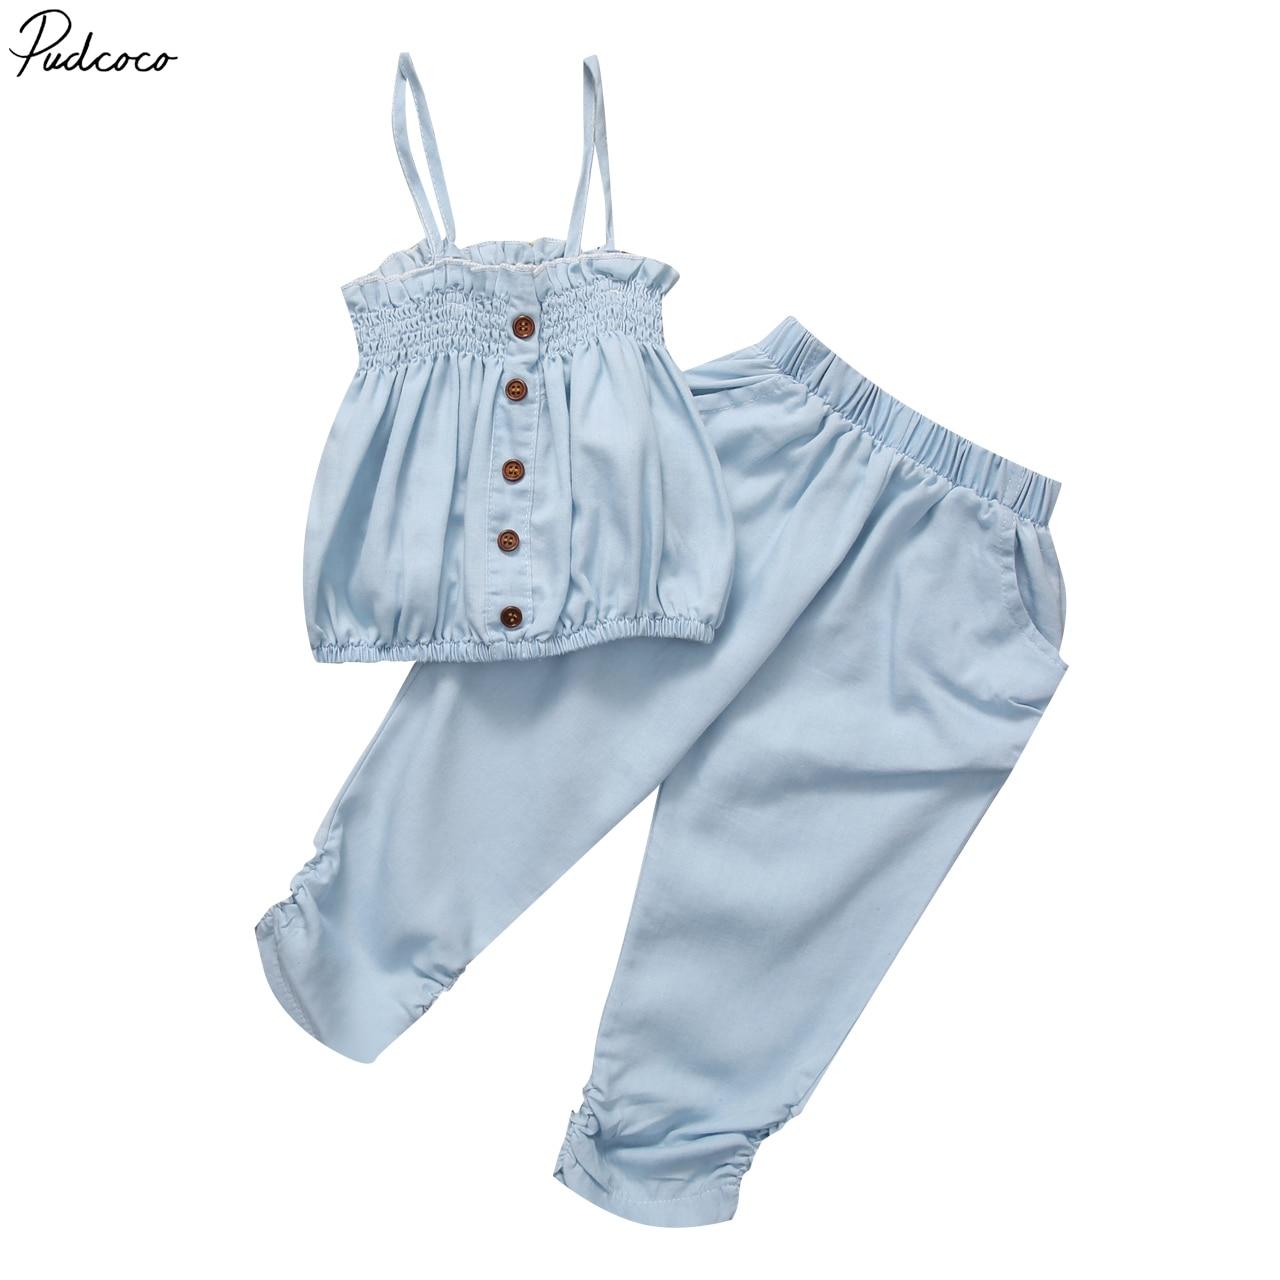 Helen115 Ležerna djeca Dječja djevojka ljeto Plava majica bez - Dječja odjeća